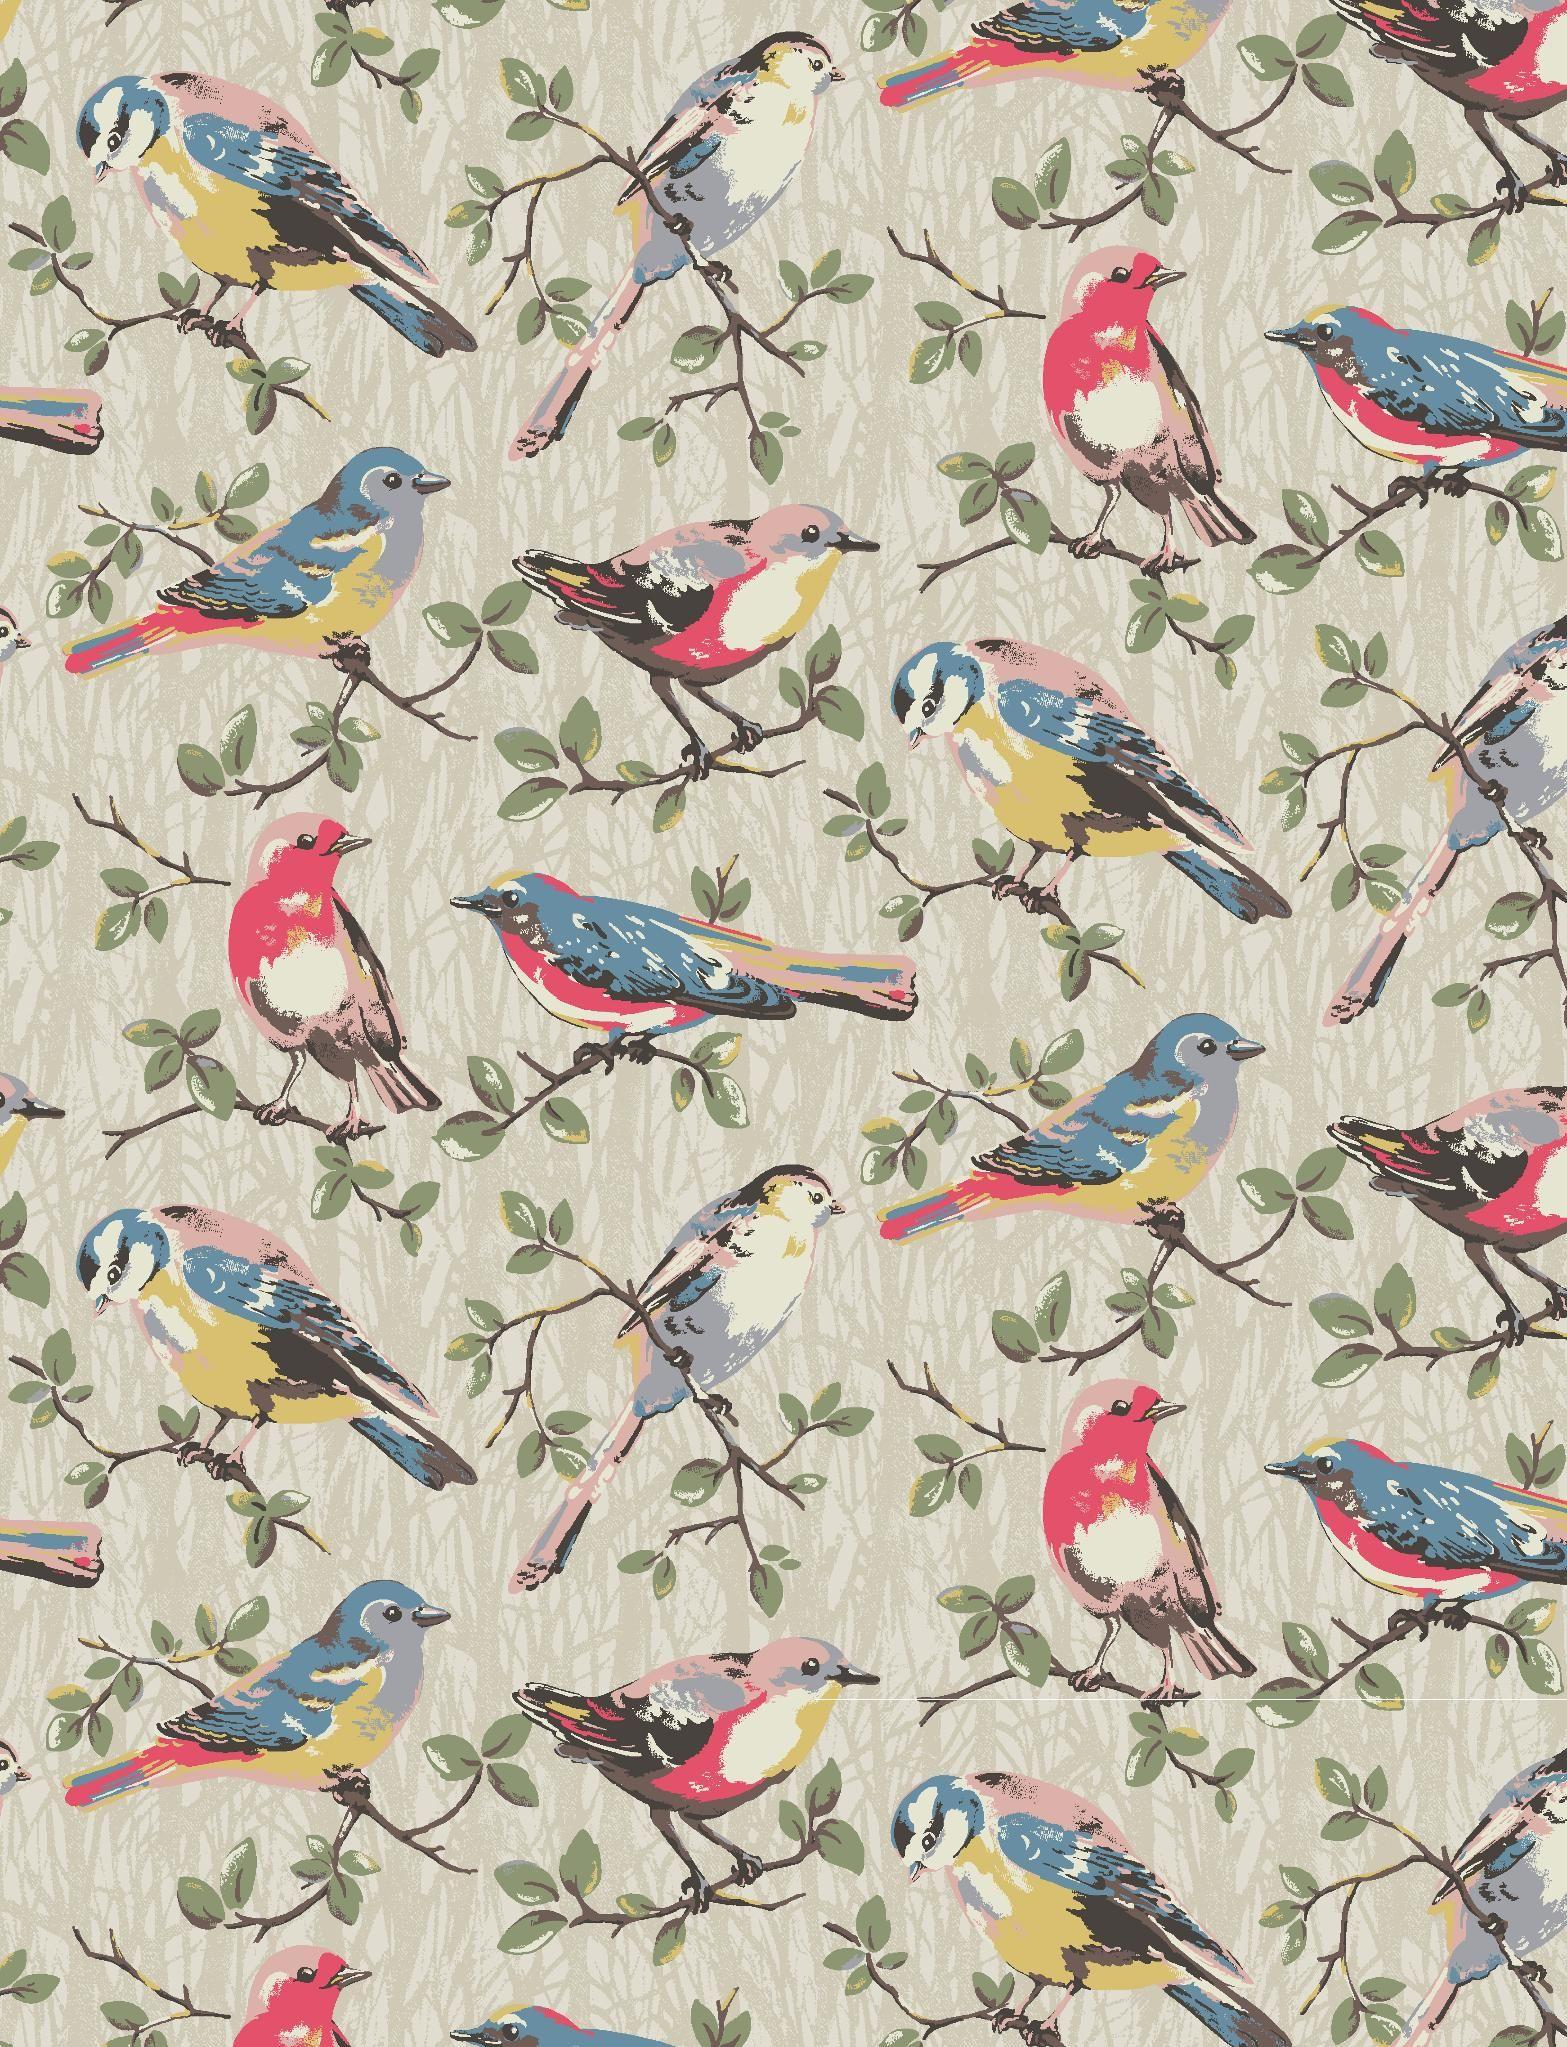 Bird wallpaper pattern